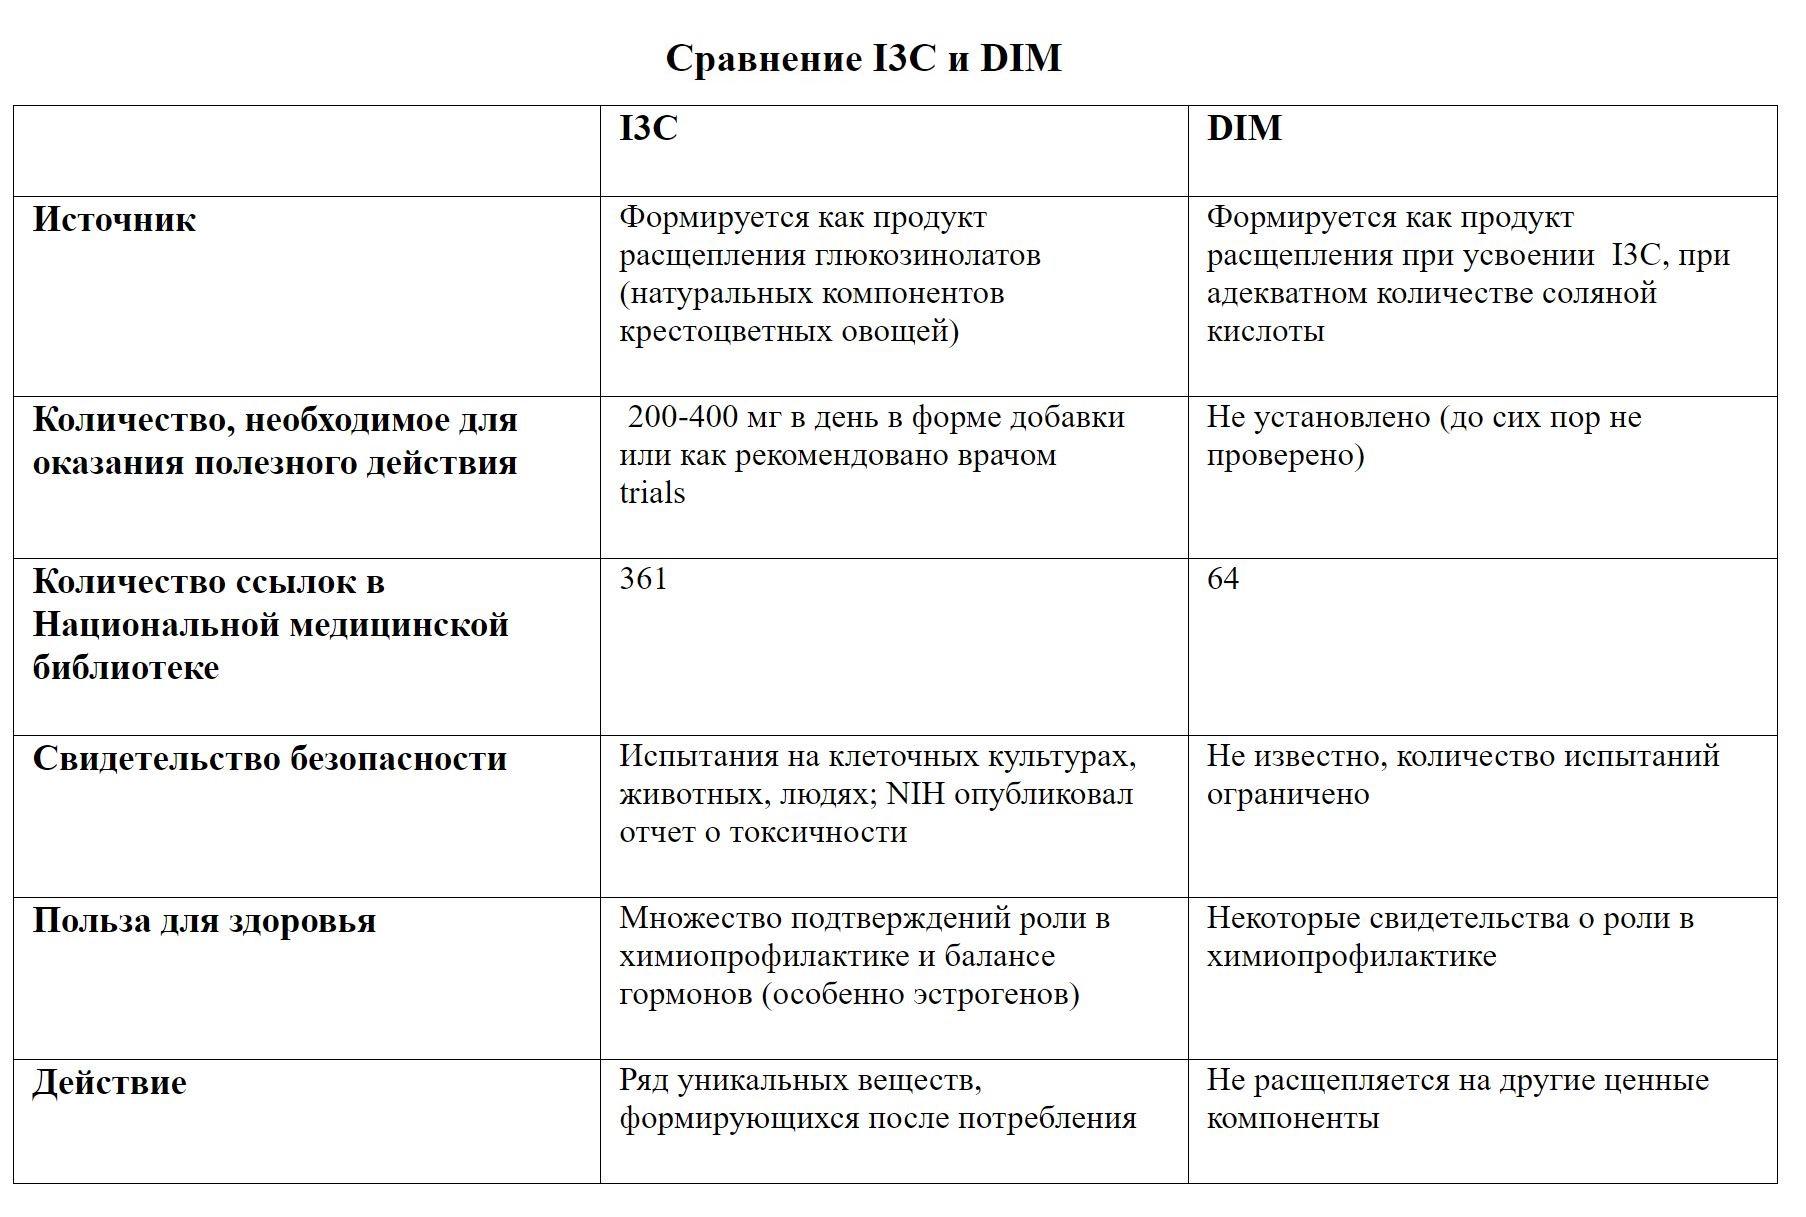 Сравнение Индол-3 и Дииндолилметан (DIM)